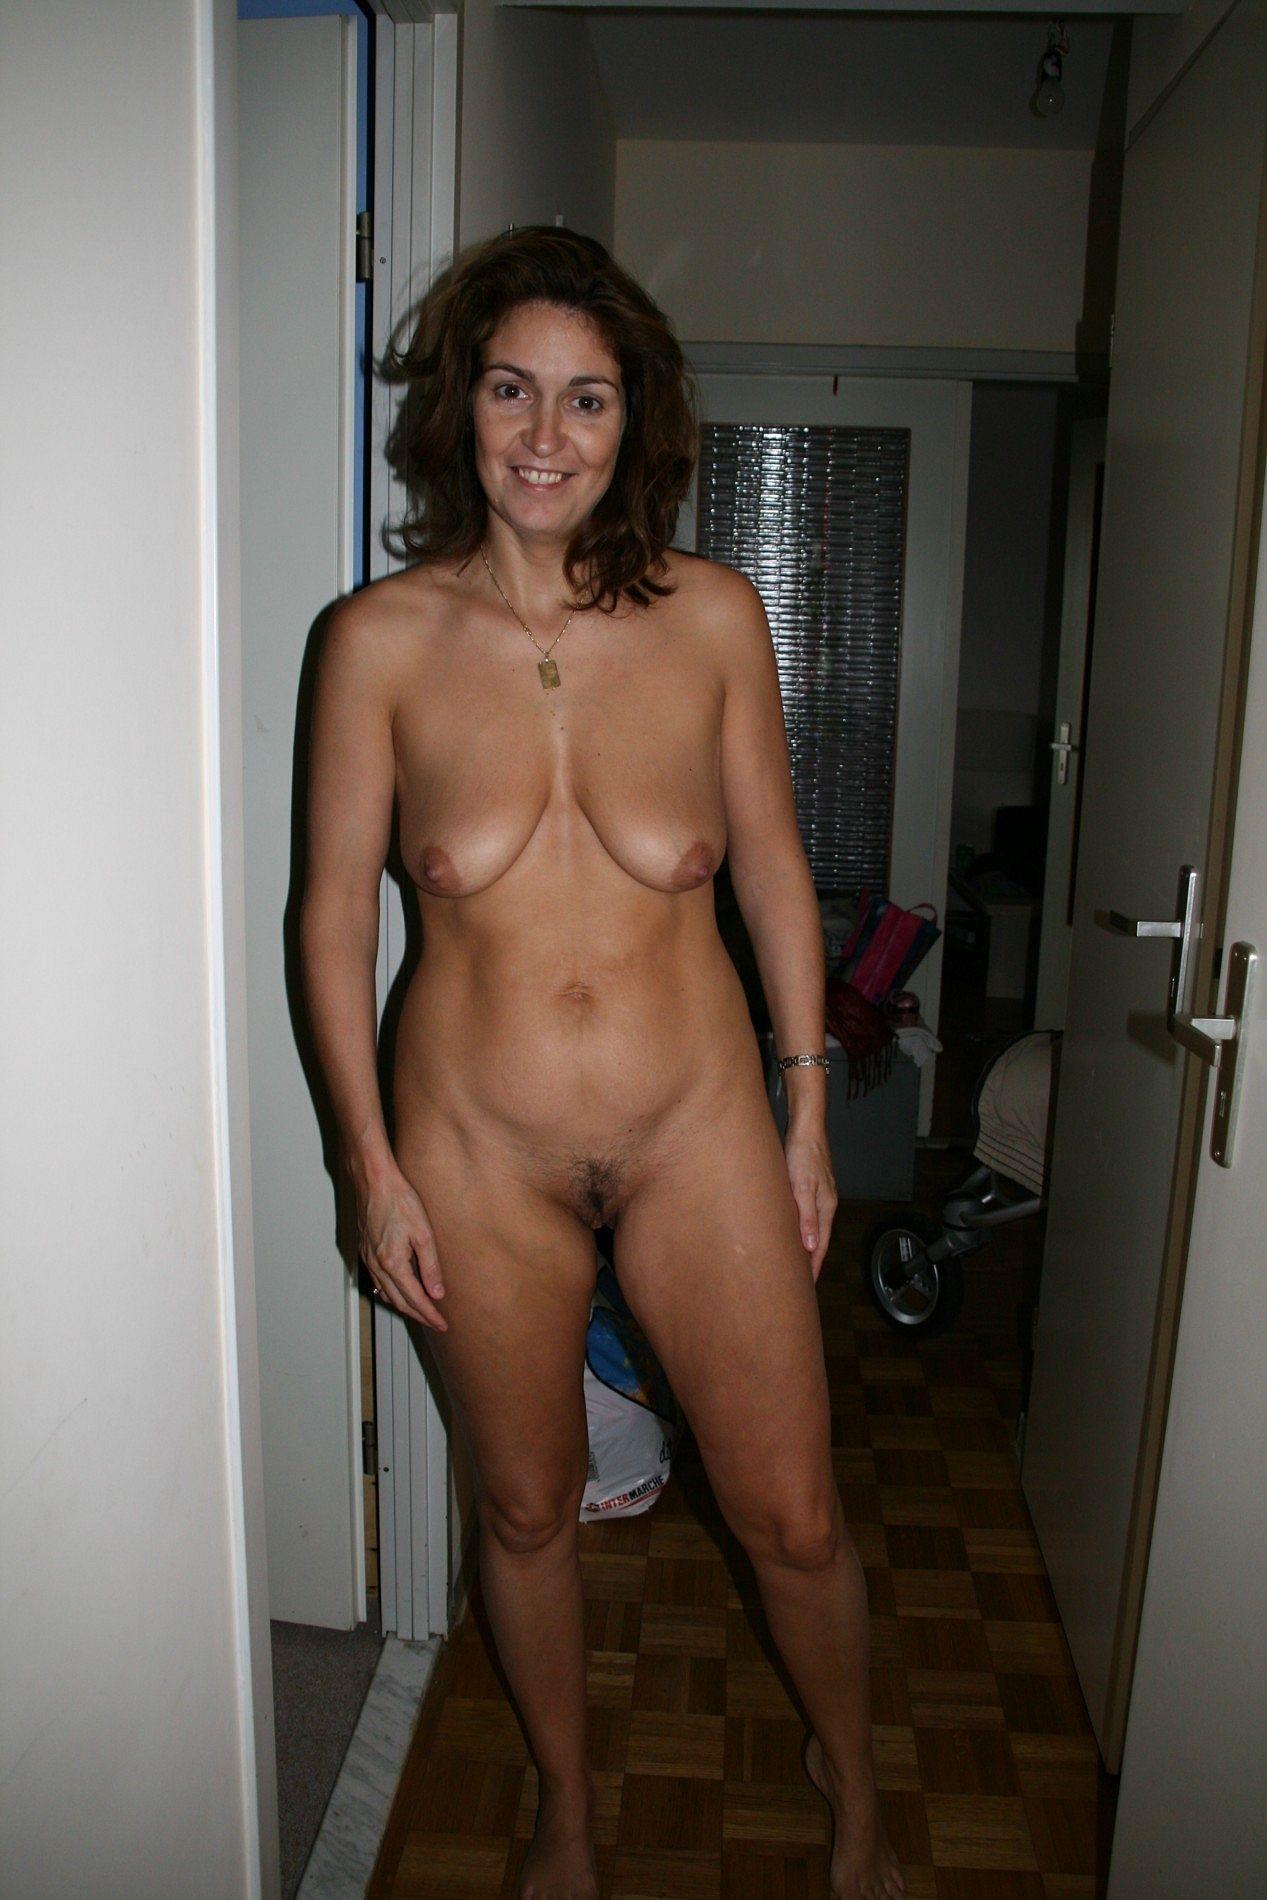 nude selfies tumblr